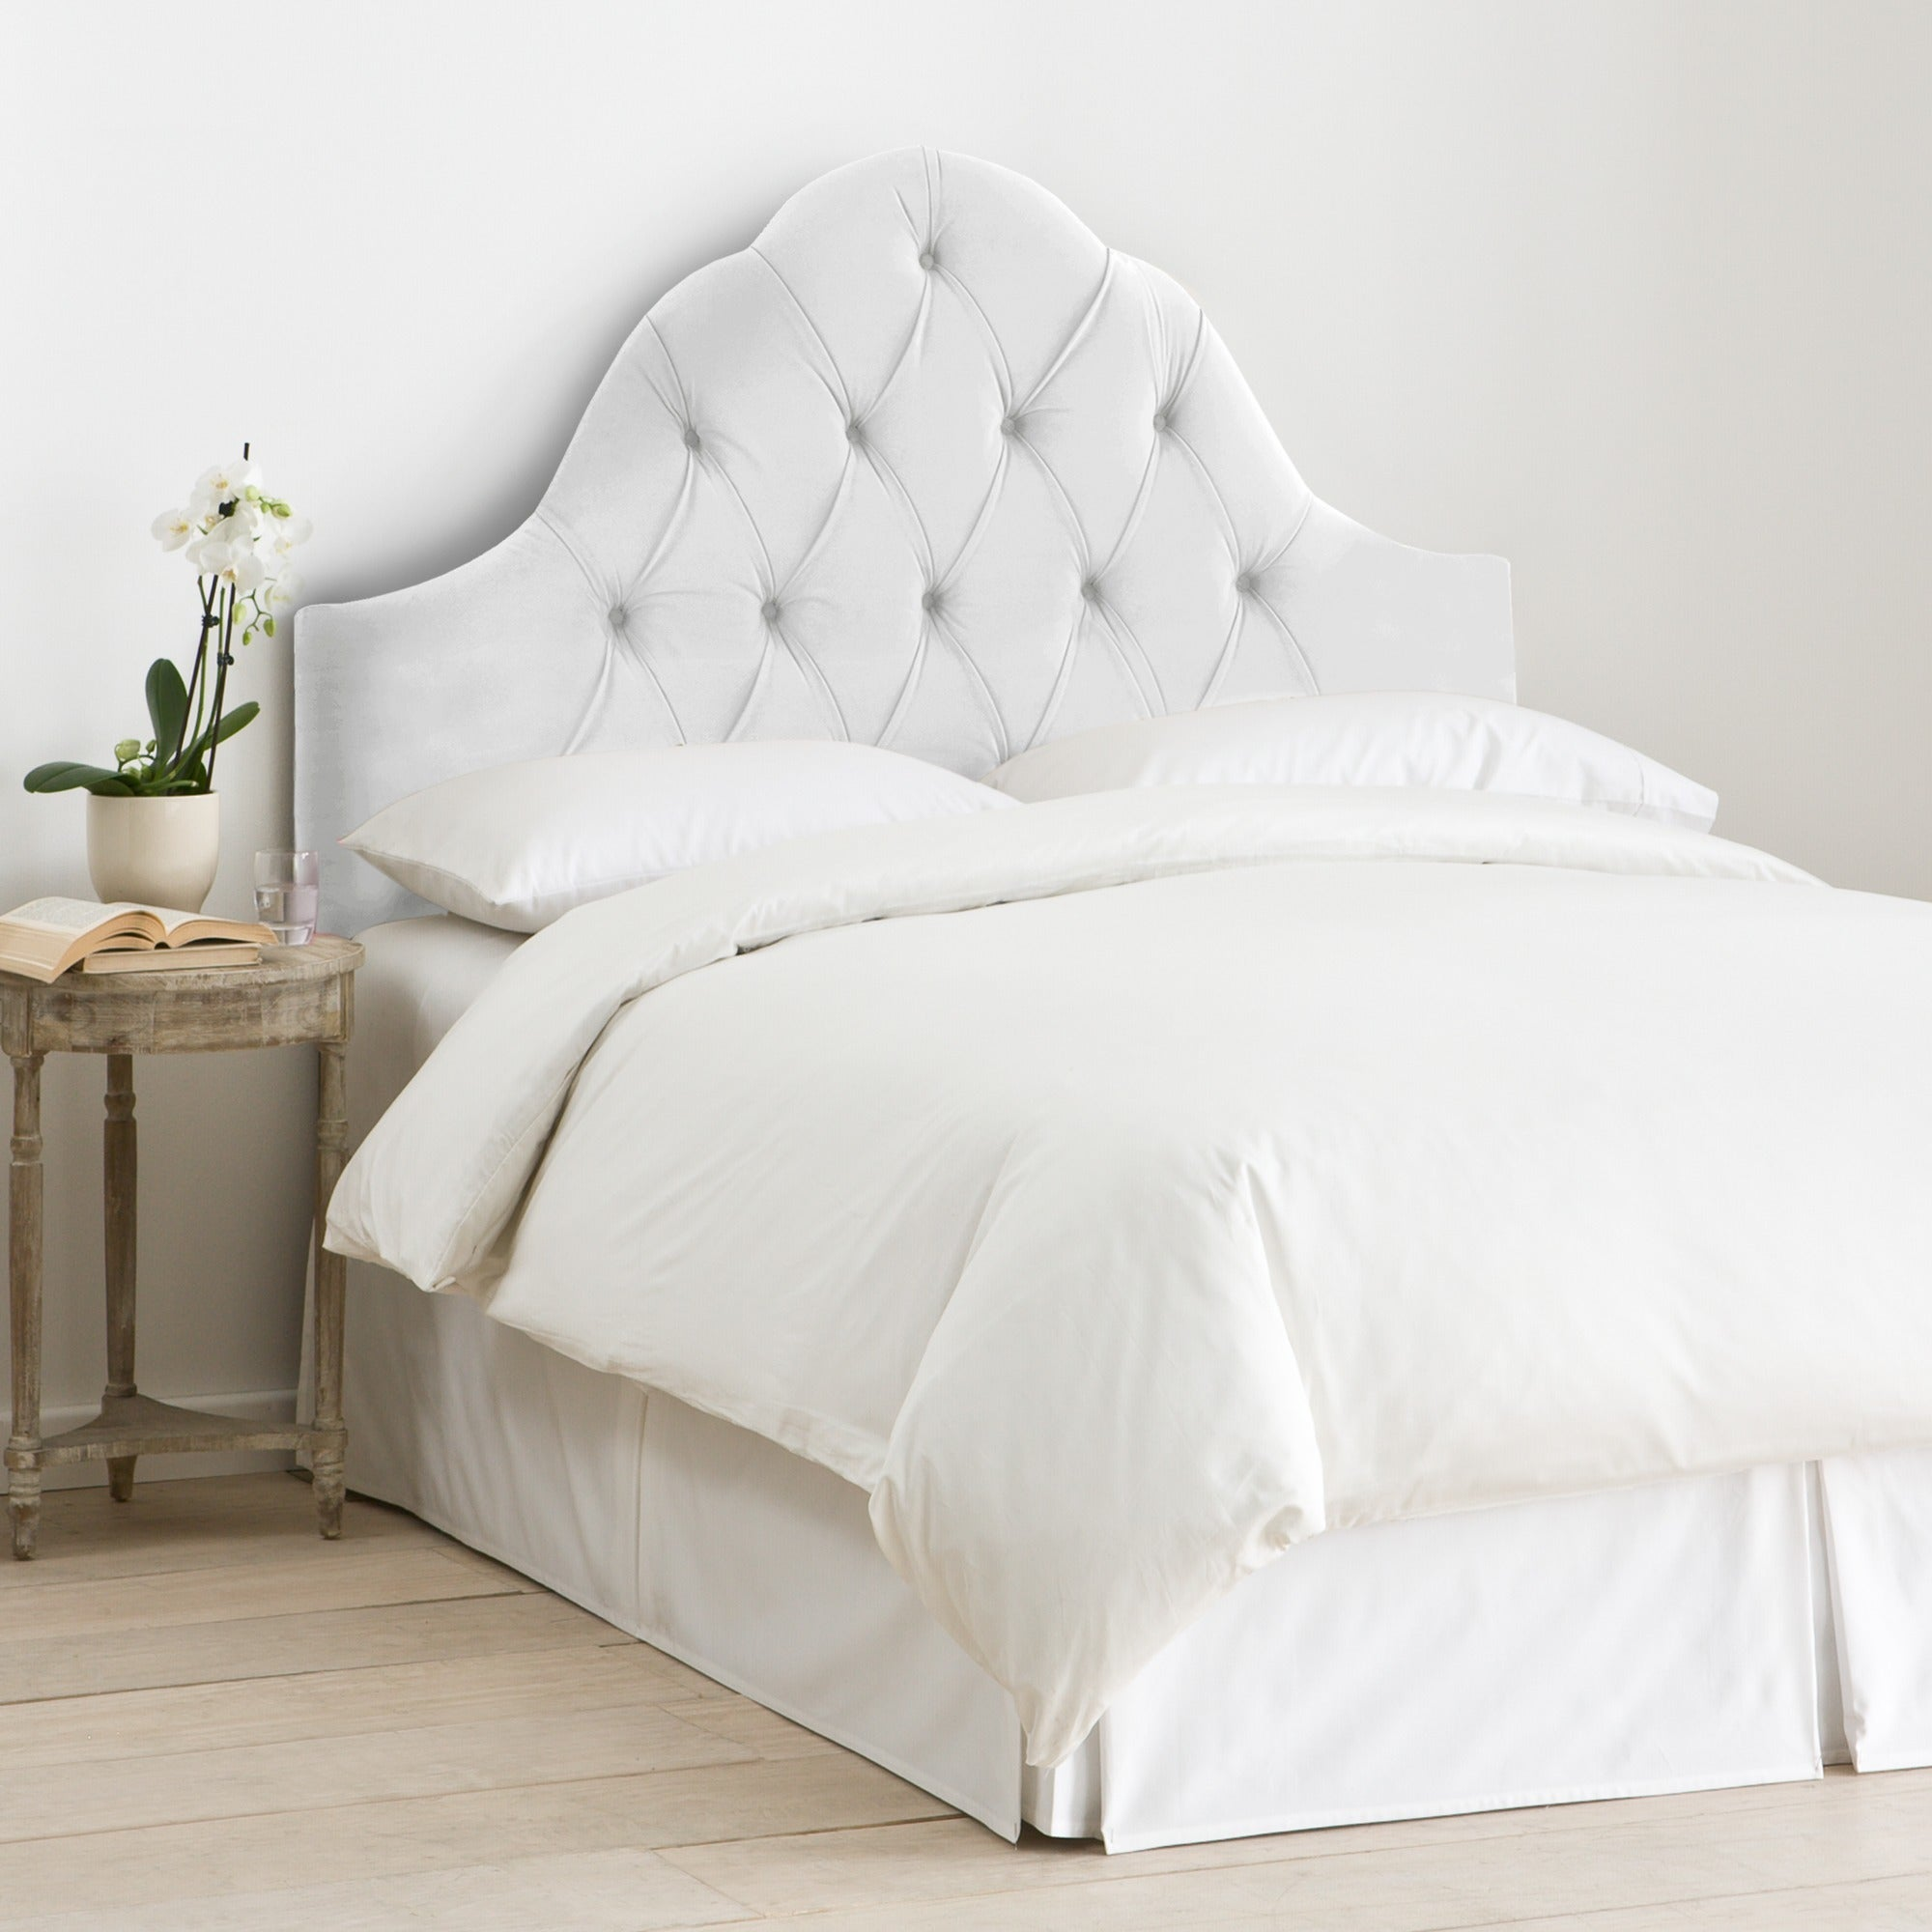 Skyline furniture arch tufted headboard in velvet white